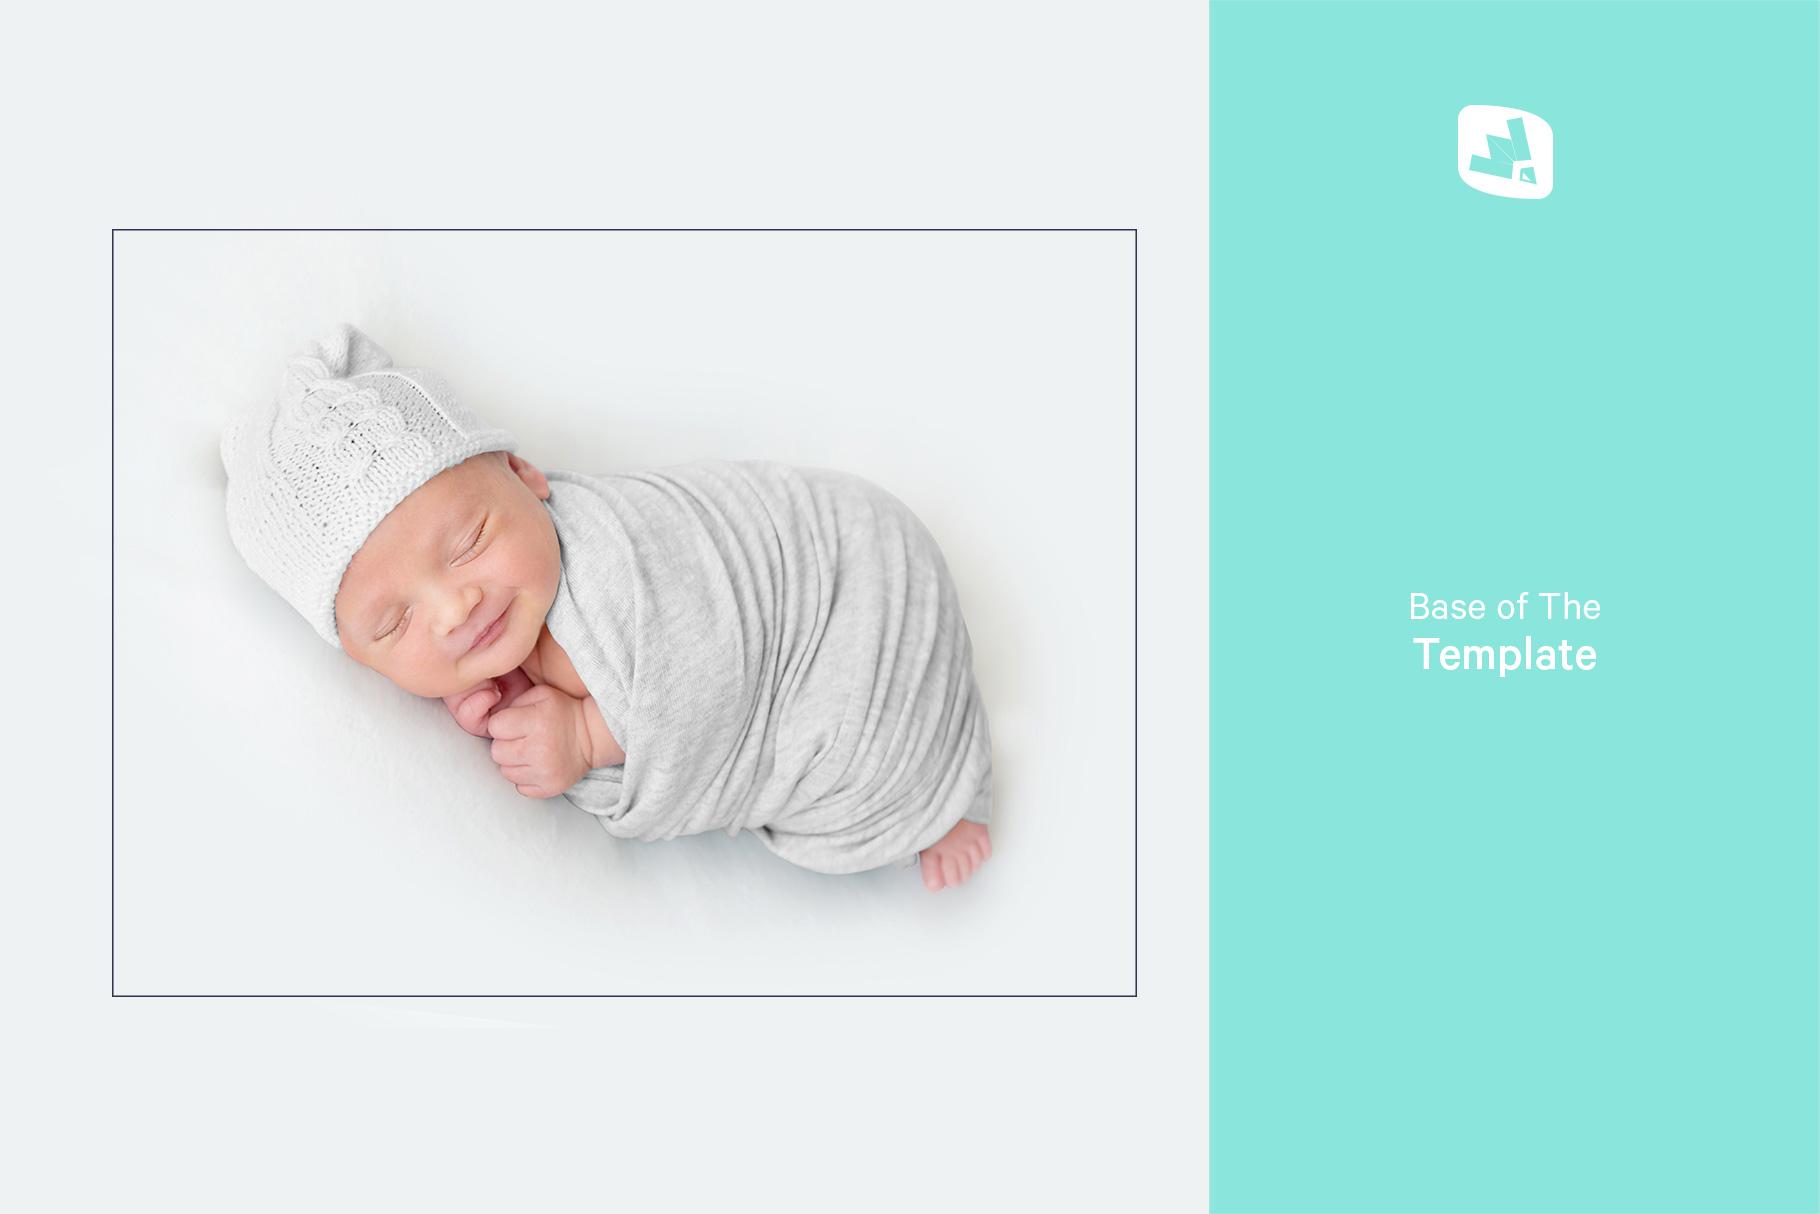 base image of the newborn swaddle blanket mockup